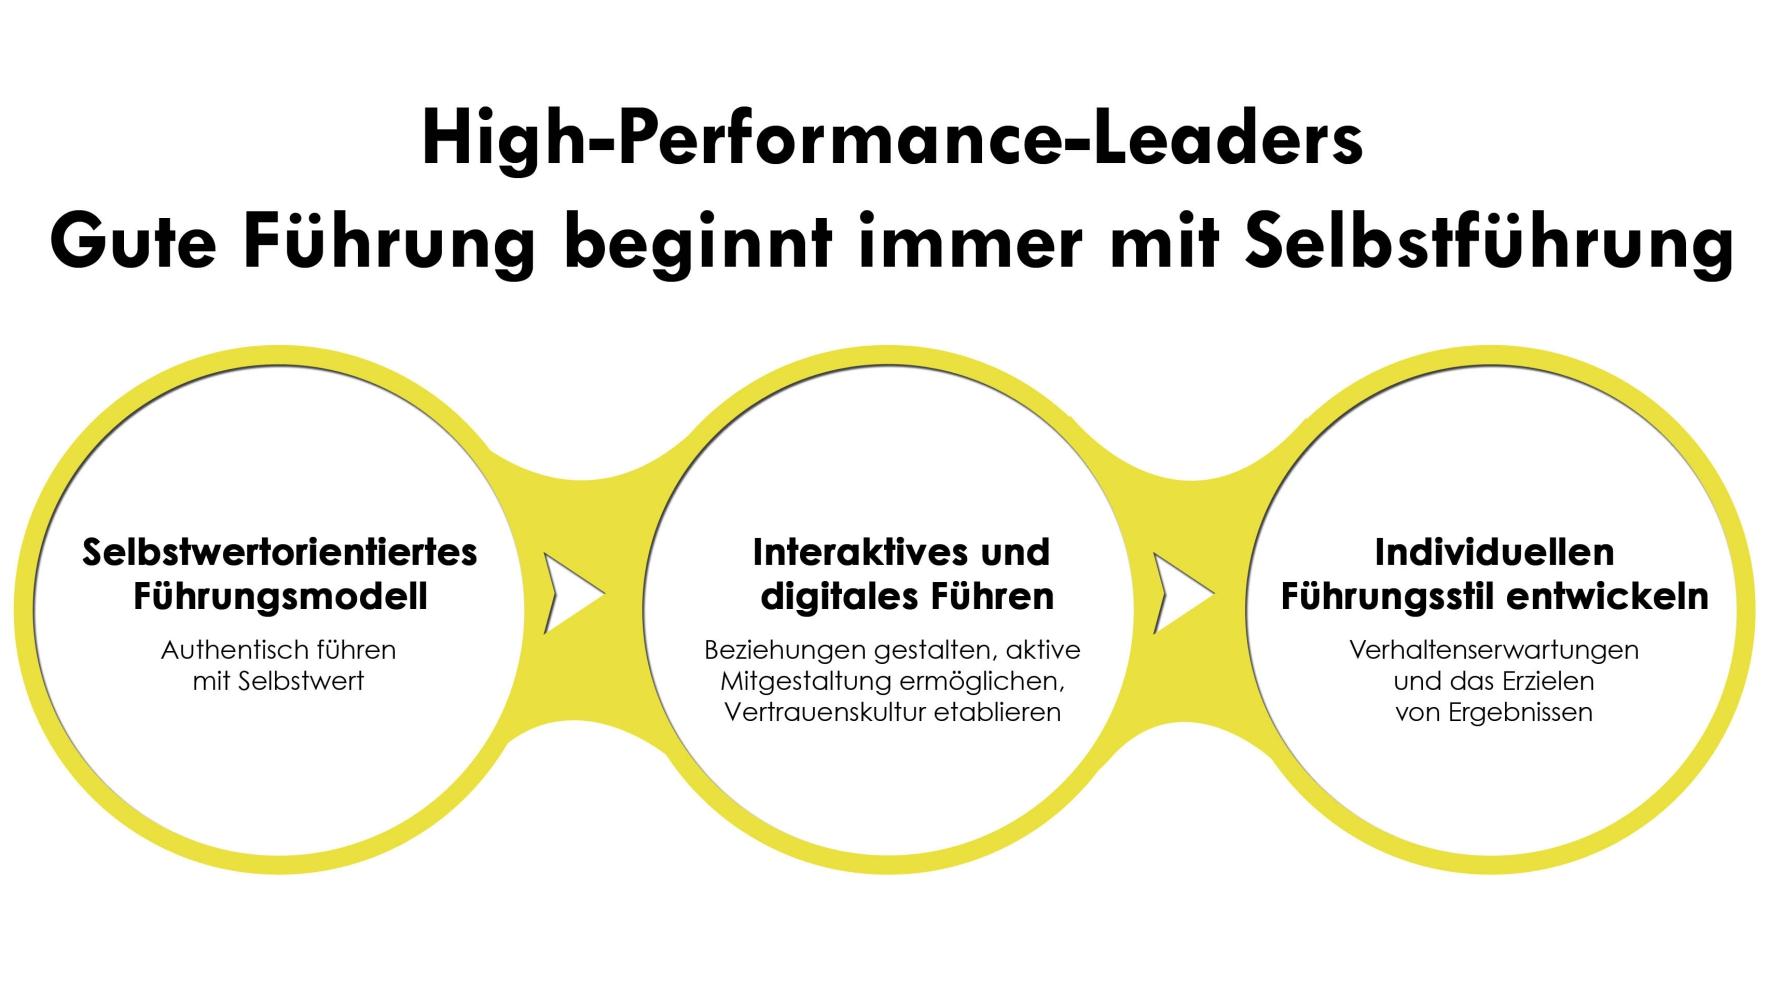 selbstorientierte-fuehrung-infografik